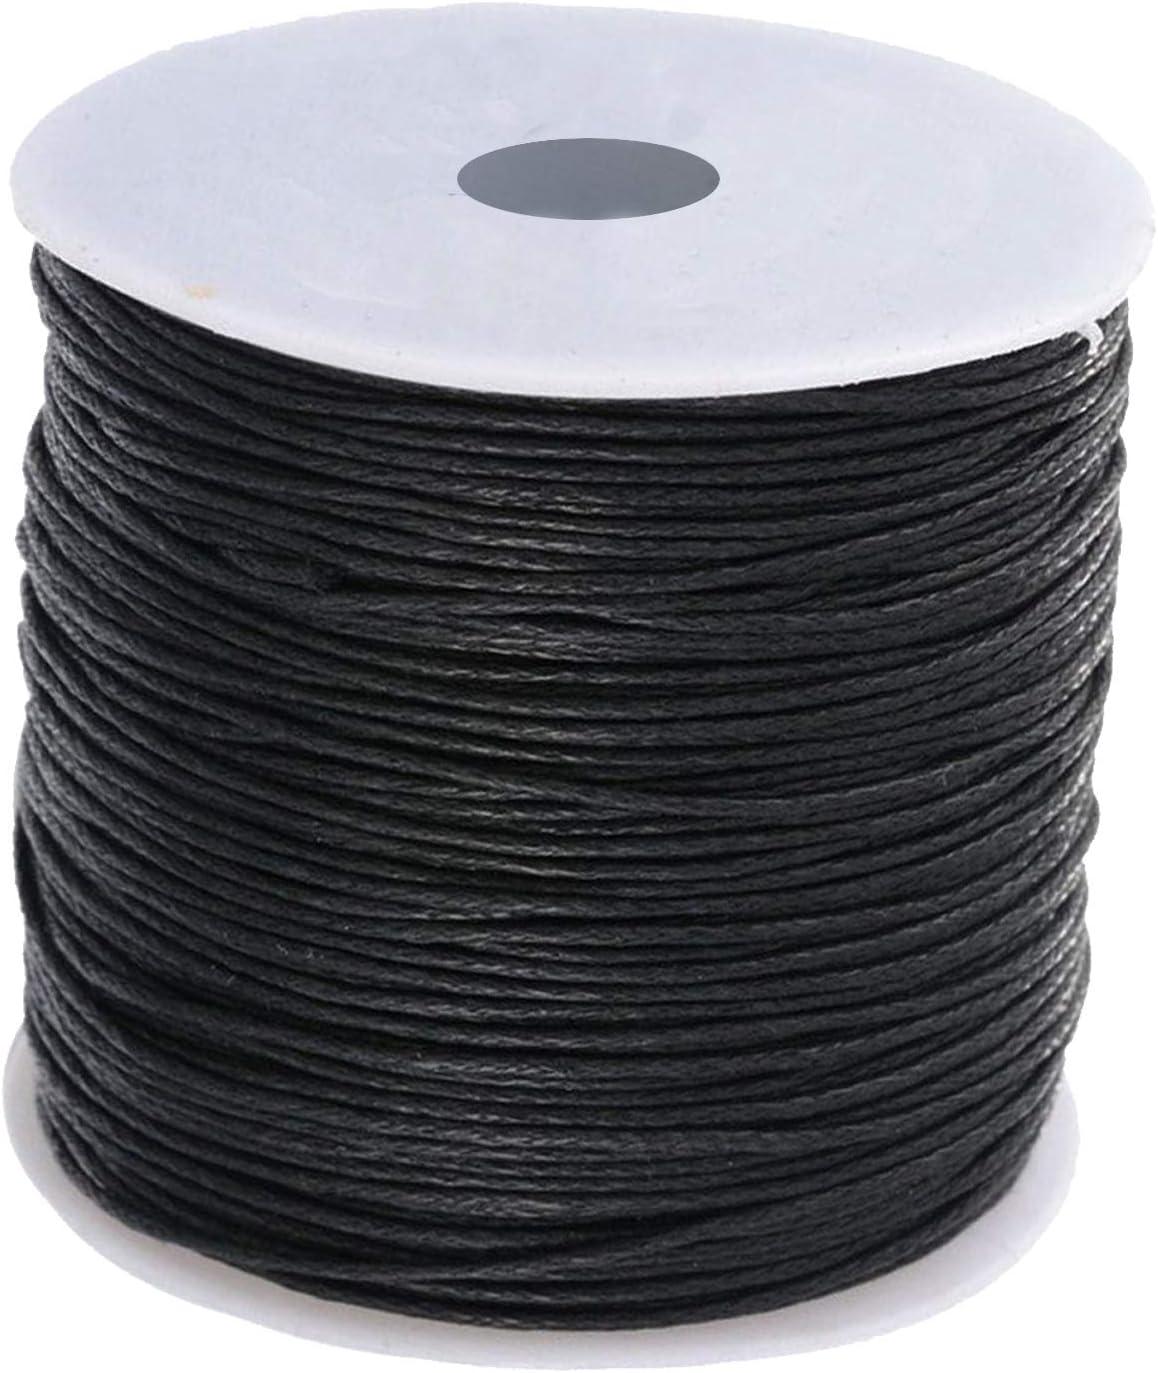 Cordón de algodón encerado negro 2mm - 100m Rollo, Pulseras ...